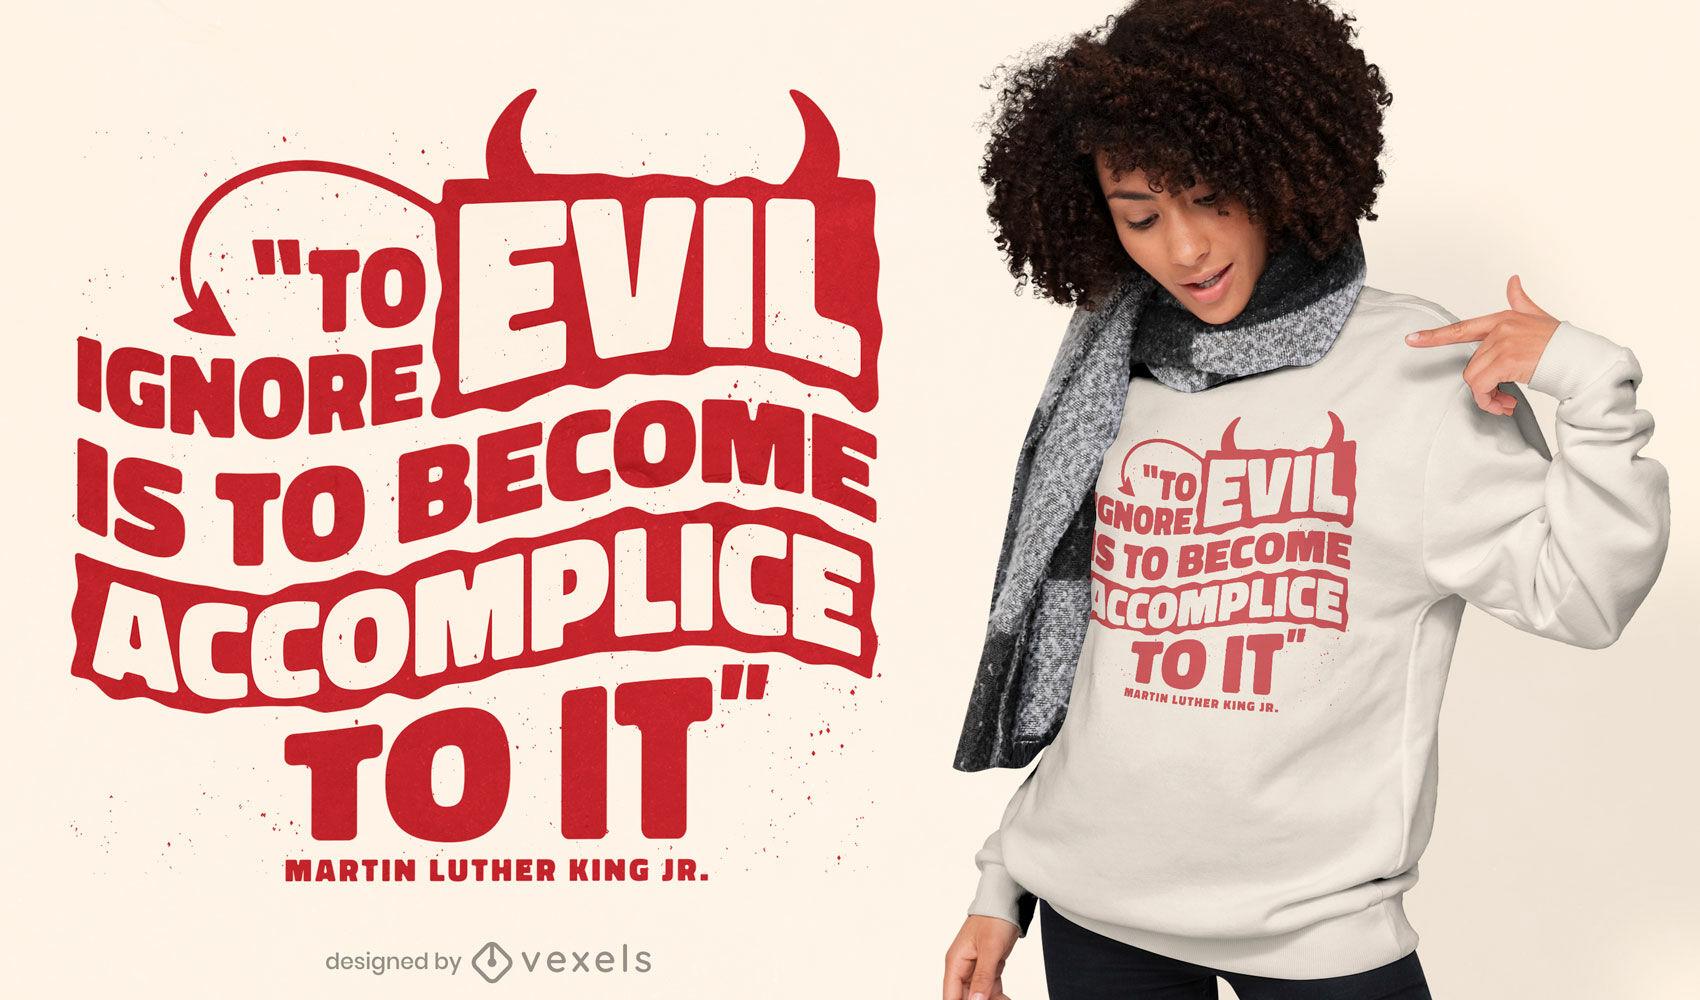 Dise?o de camiseta con cita de Martin Luther King Jr